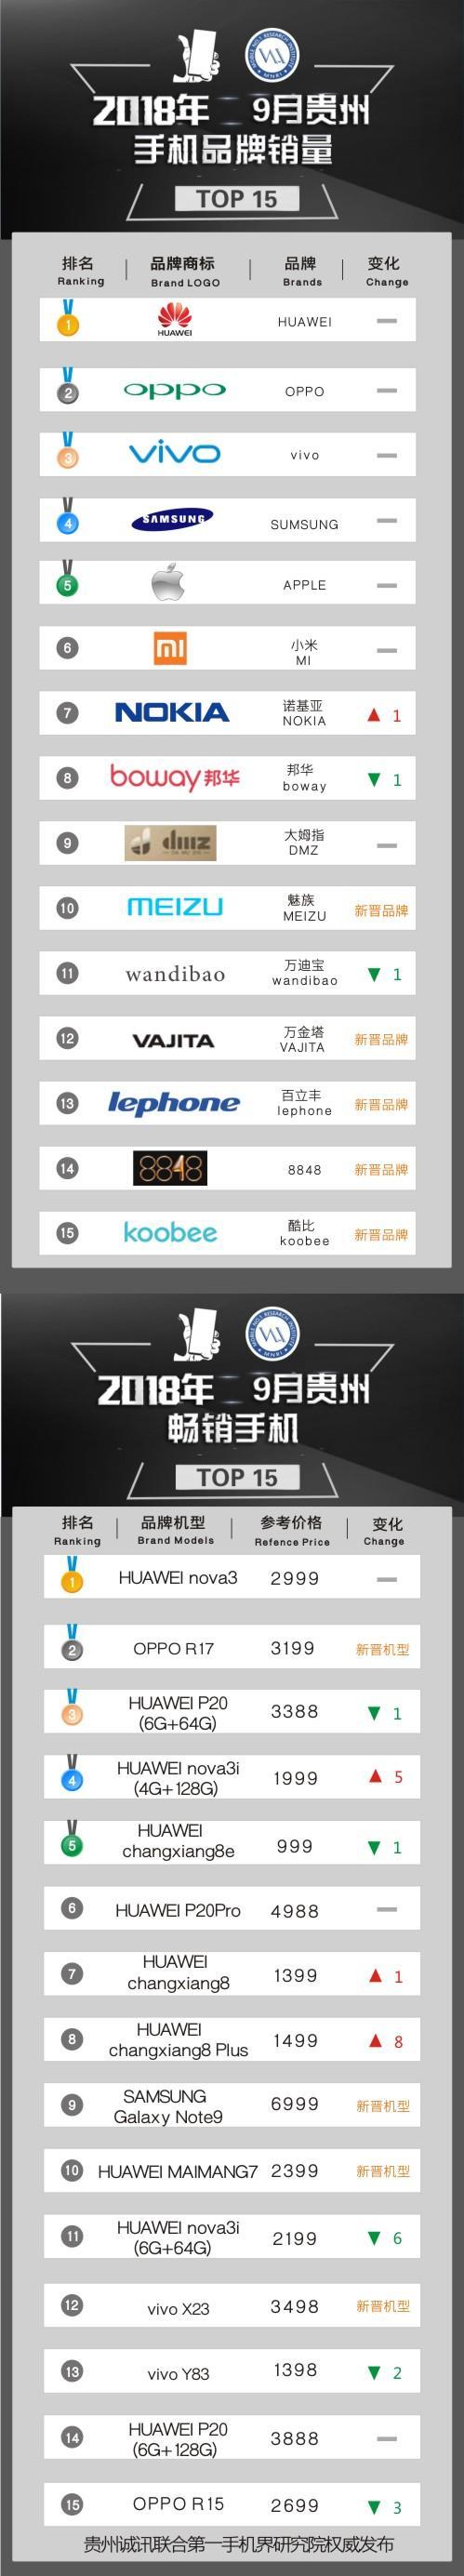 2018年9月贵州畅销手机市场TOP15:OPPO R17新晋摘银